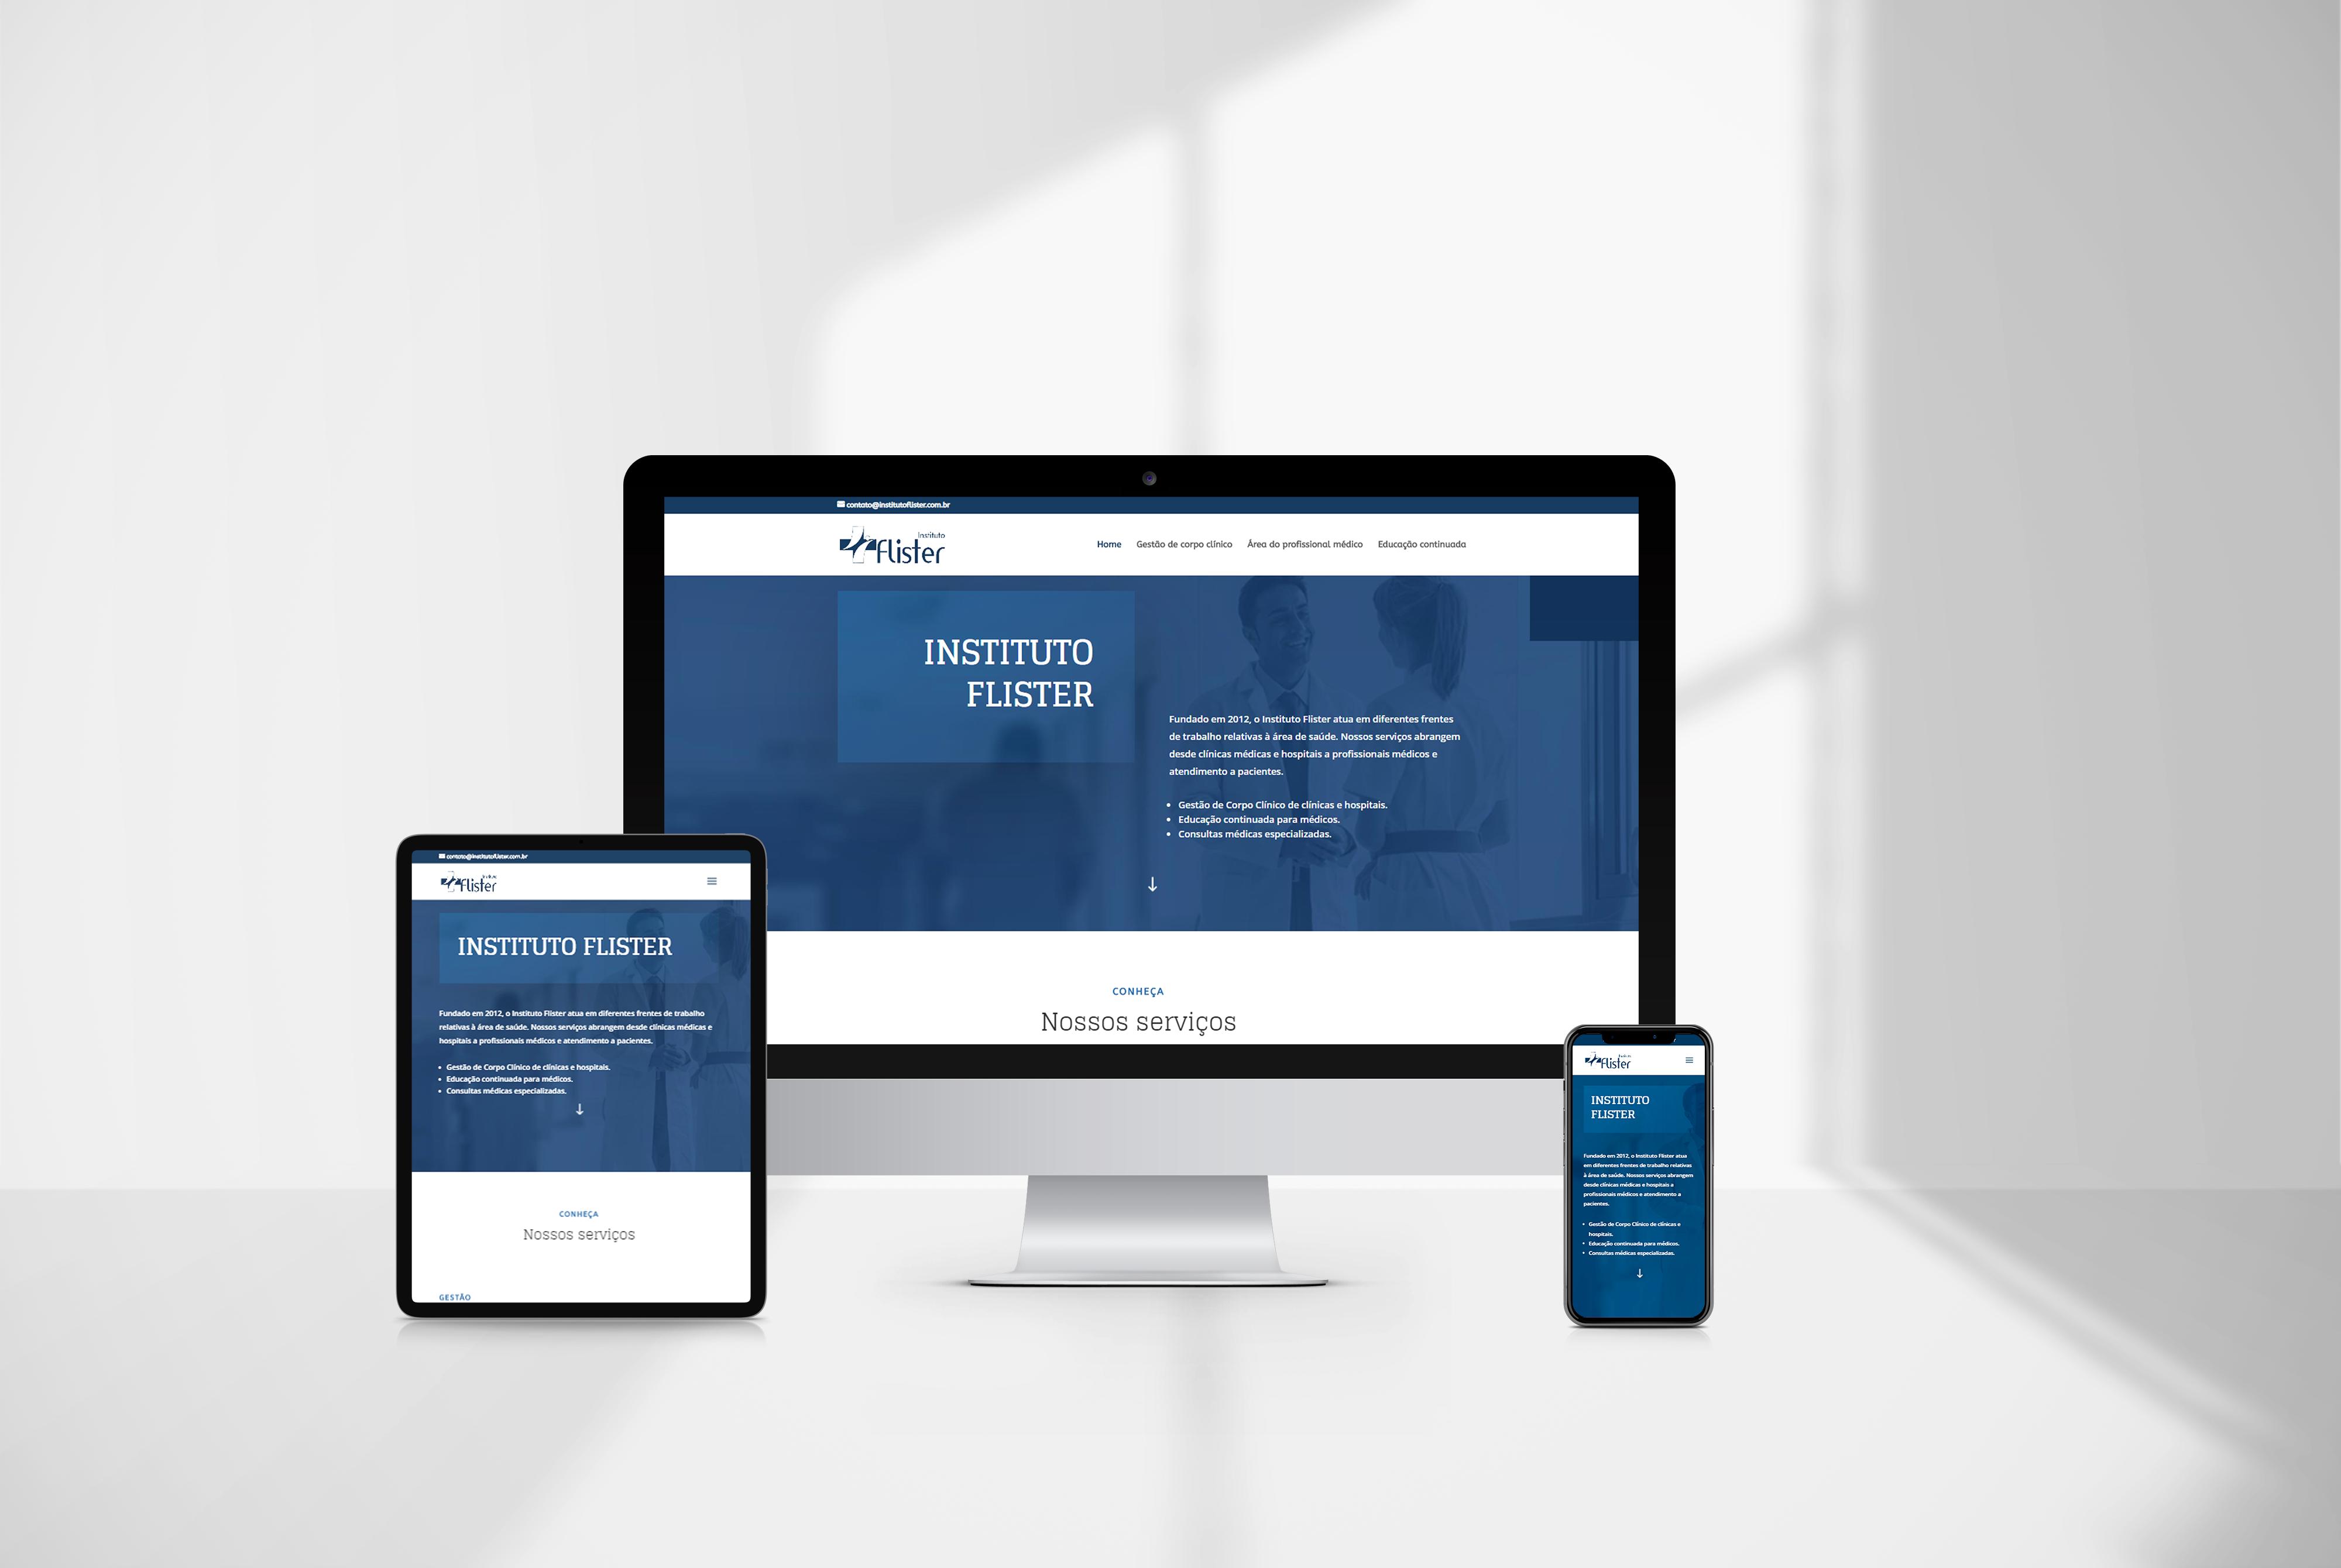 criacao de site flister - agencia de marketing digital casanova digital